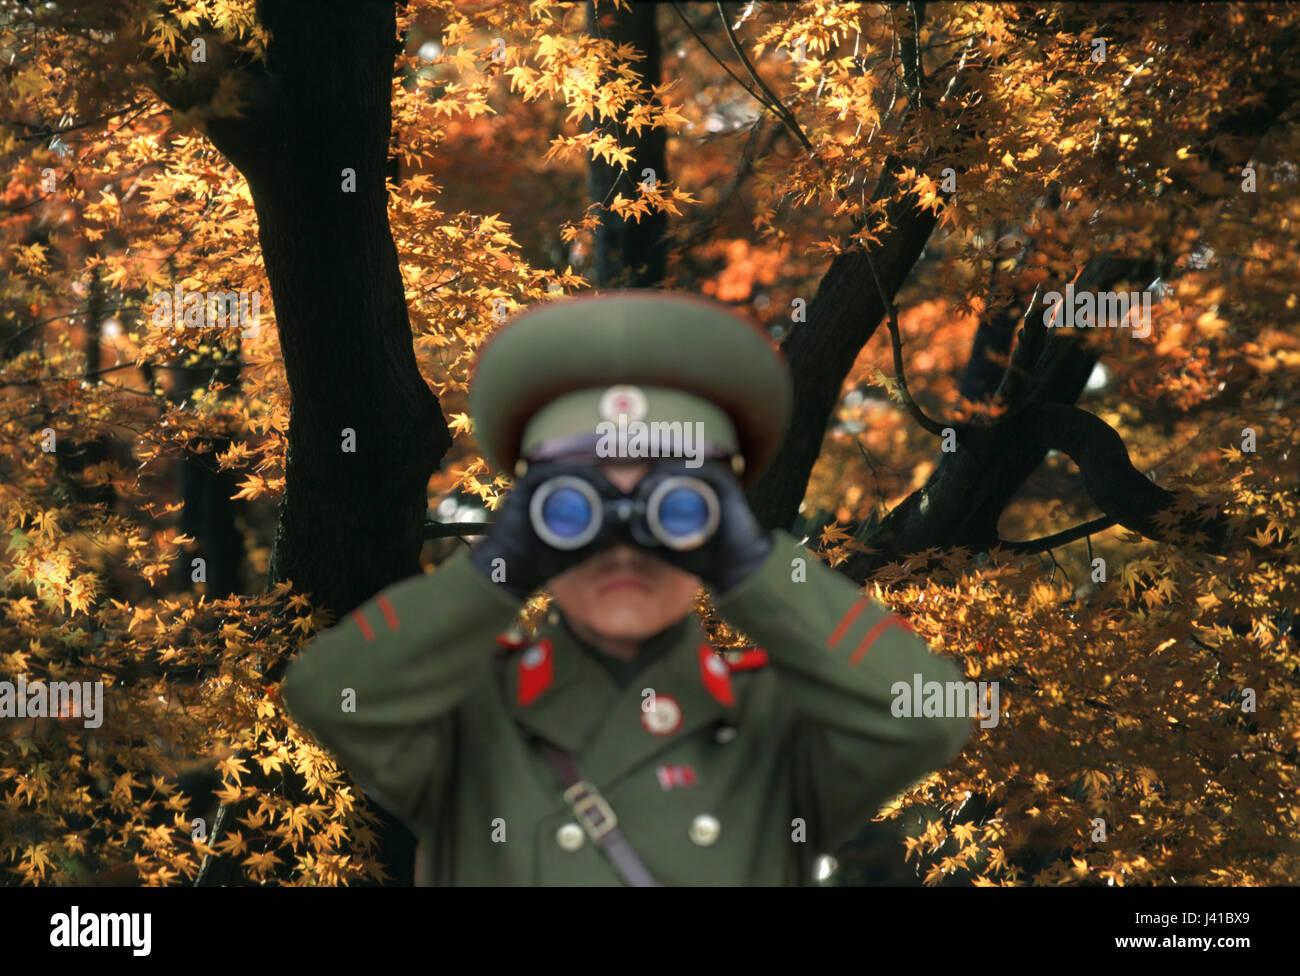 Soldado mirando a través de binoculares, militar, árbol otoñal, en el fondo, Kumgangsan, Corea del Imagen De Stock